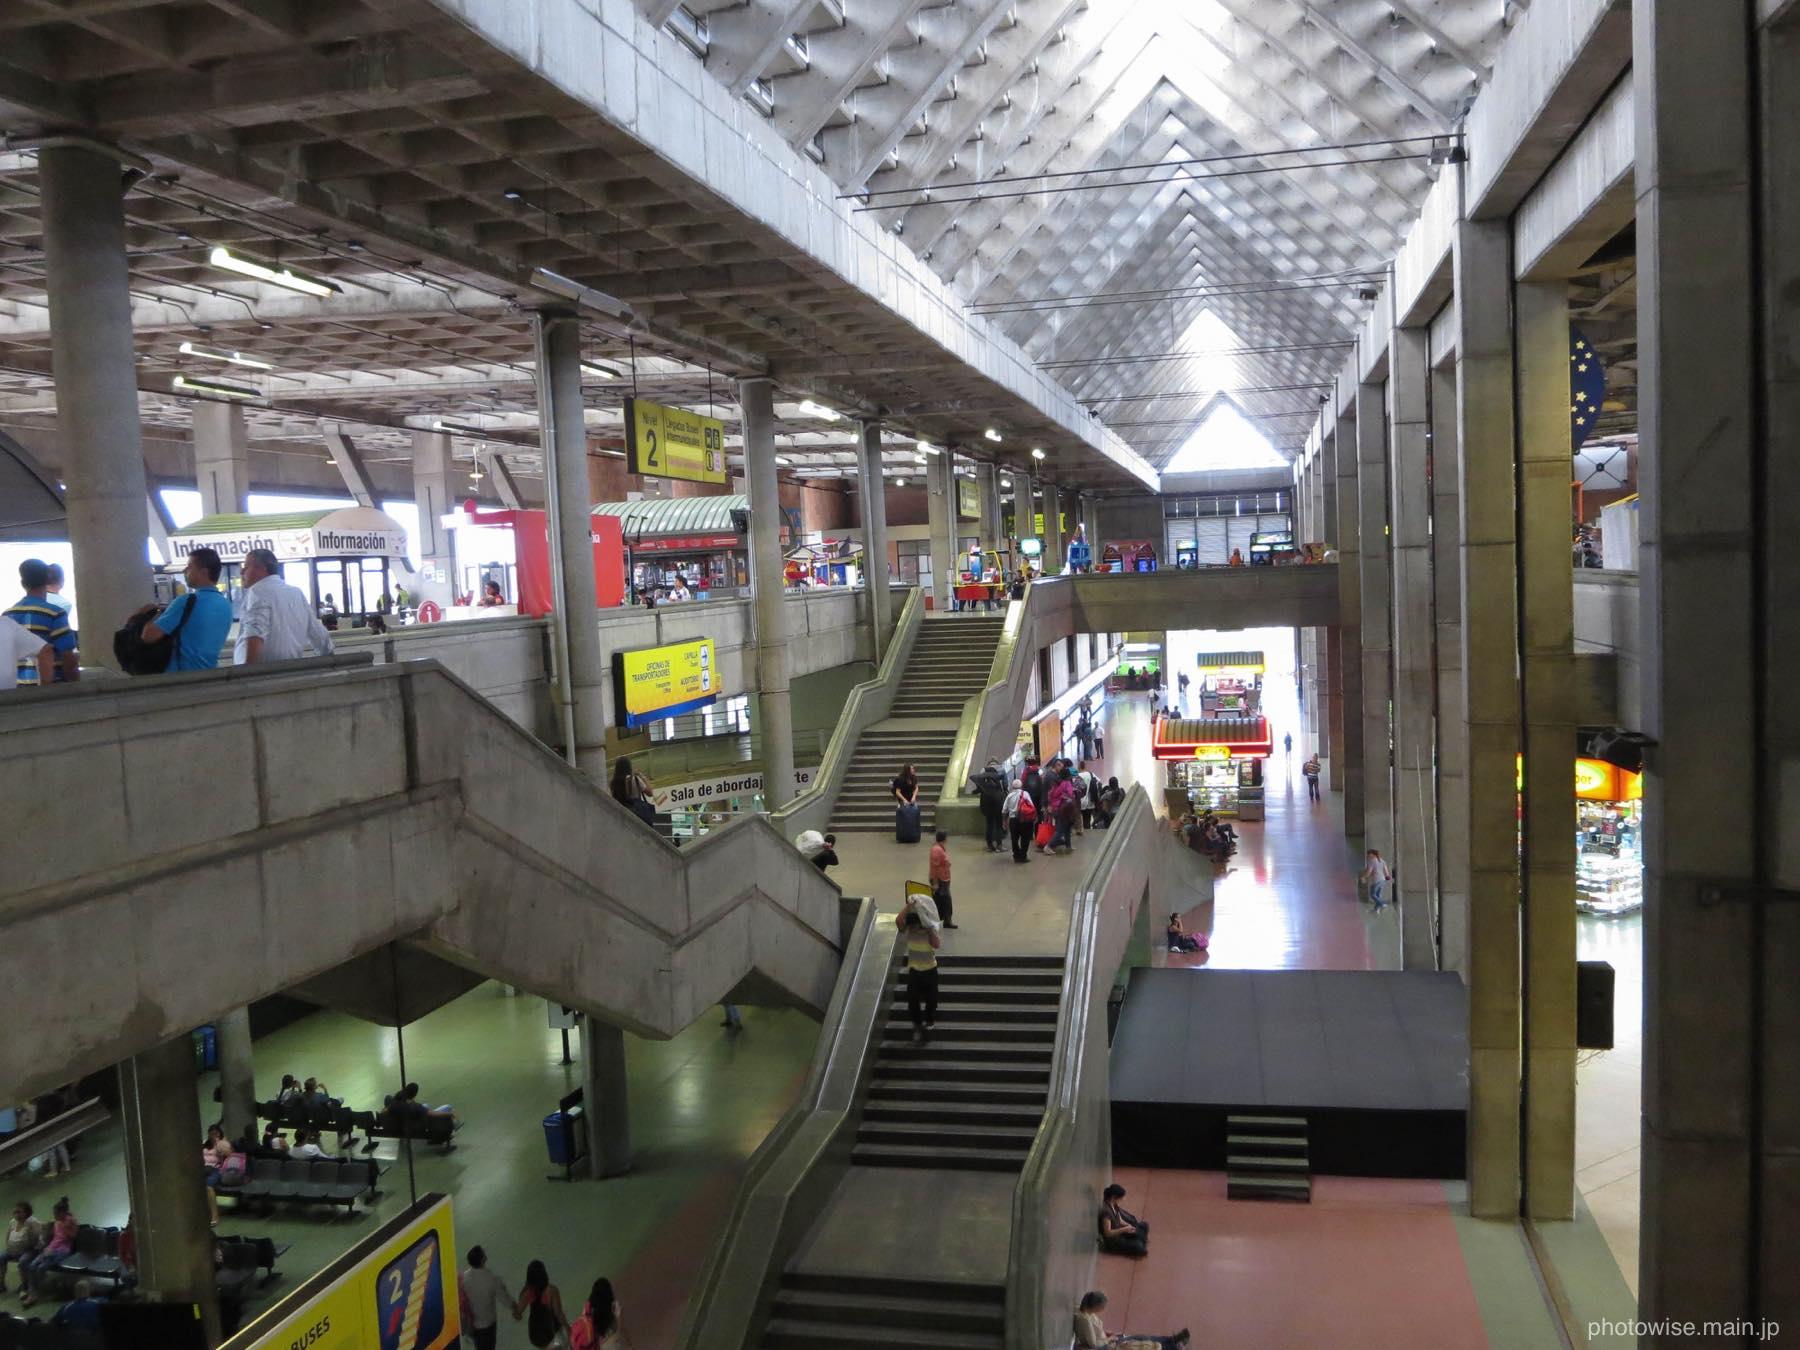 メデジンのバスターミナル